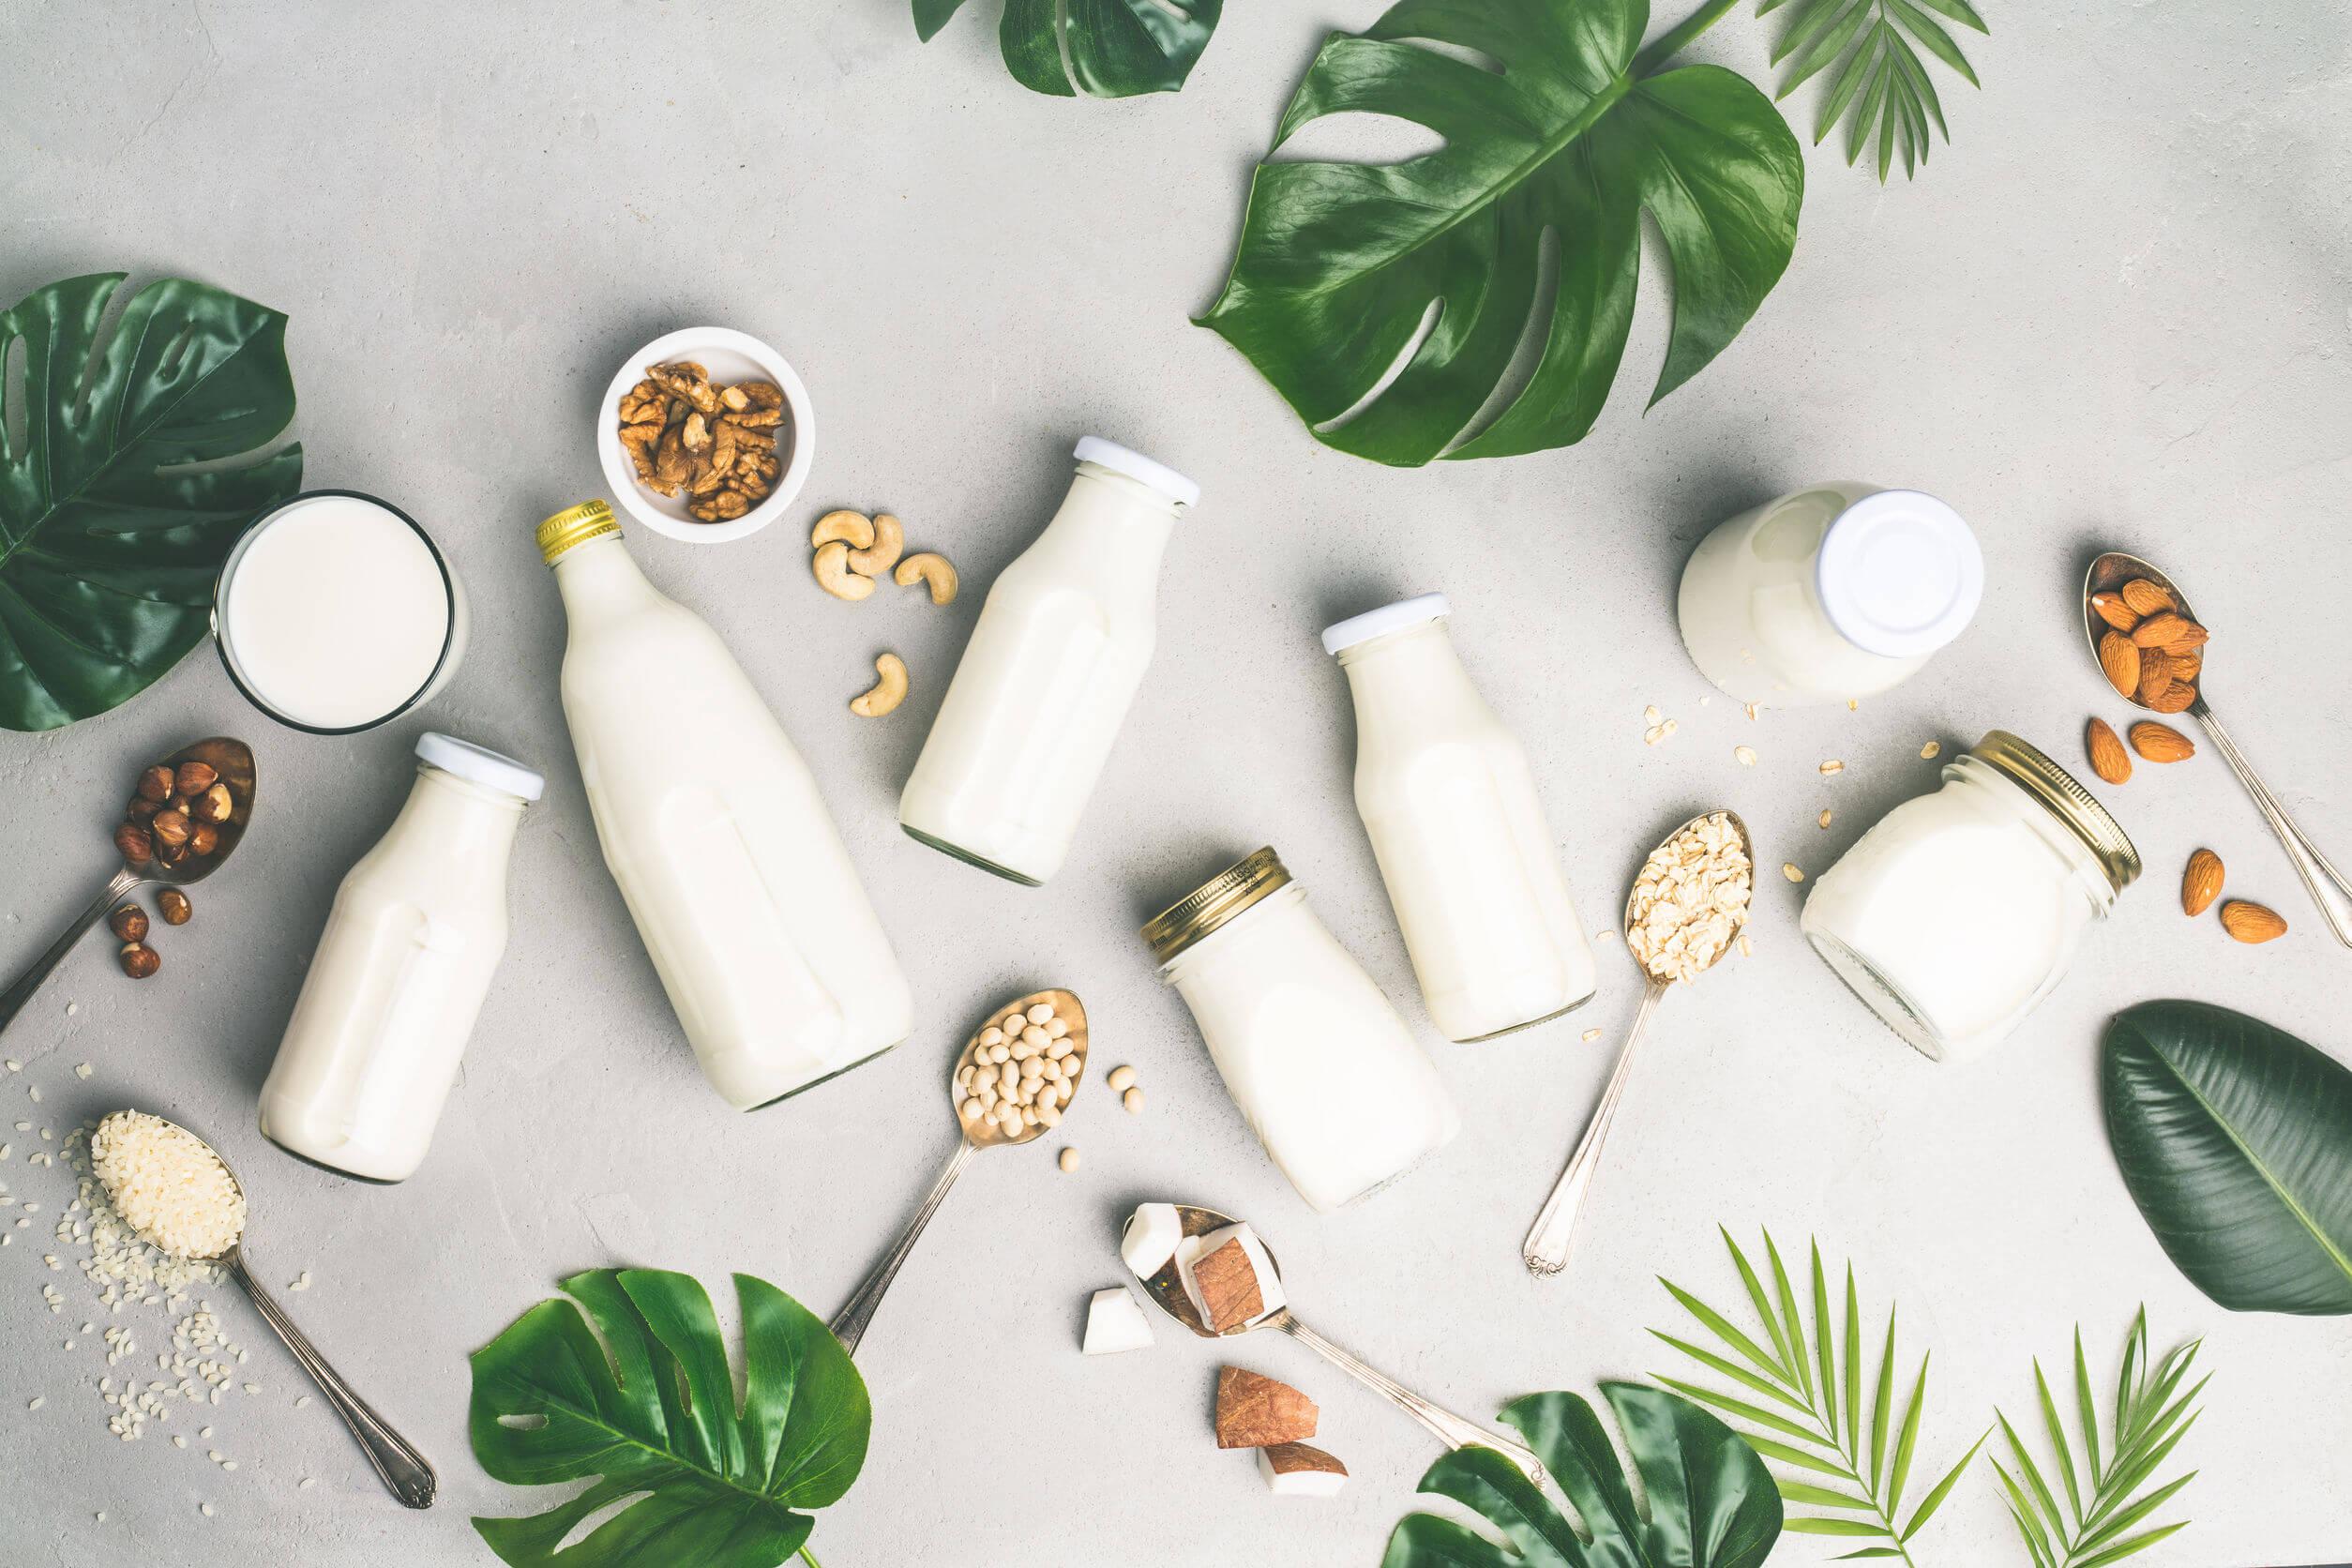 Lait écrémé versus lait entier : chacun a ses propres caractéristiques.